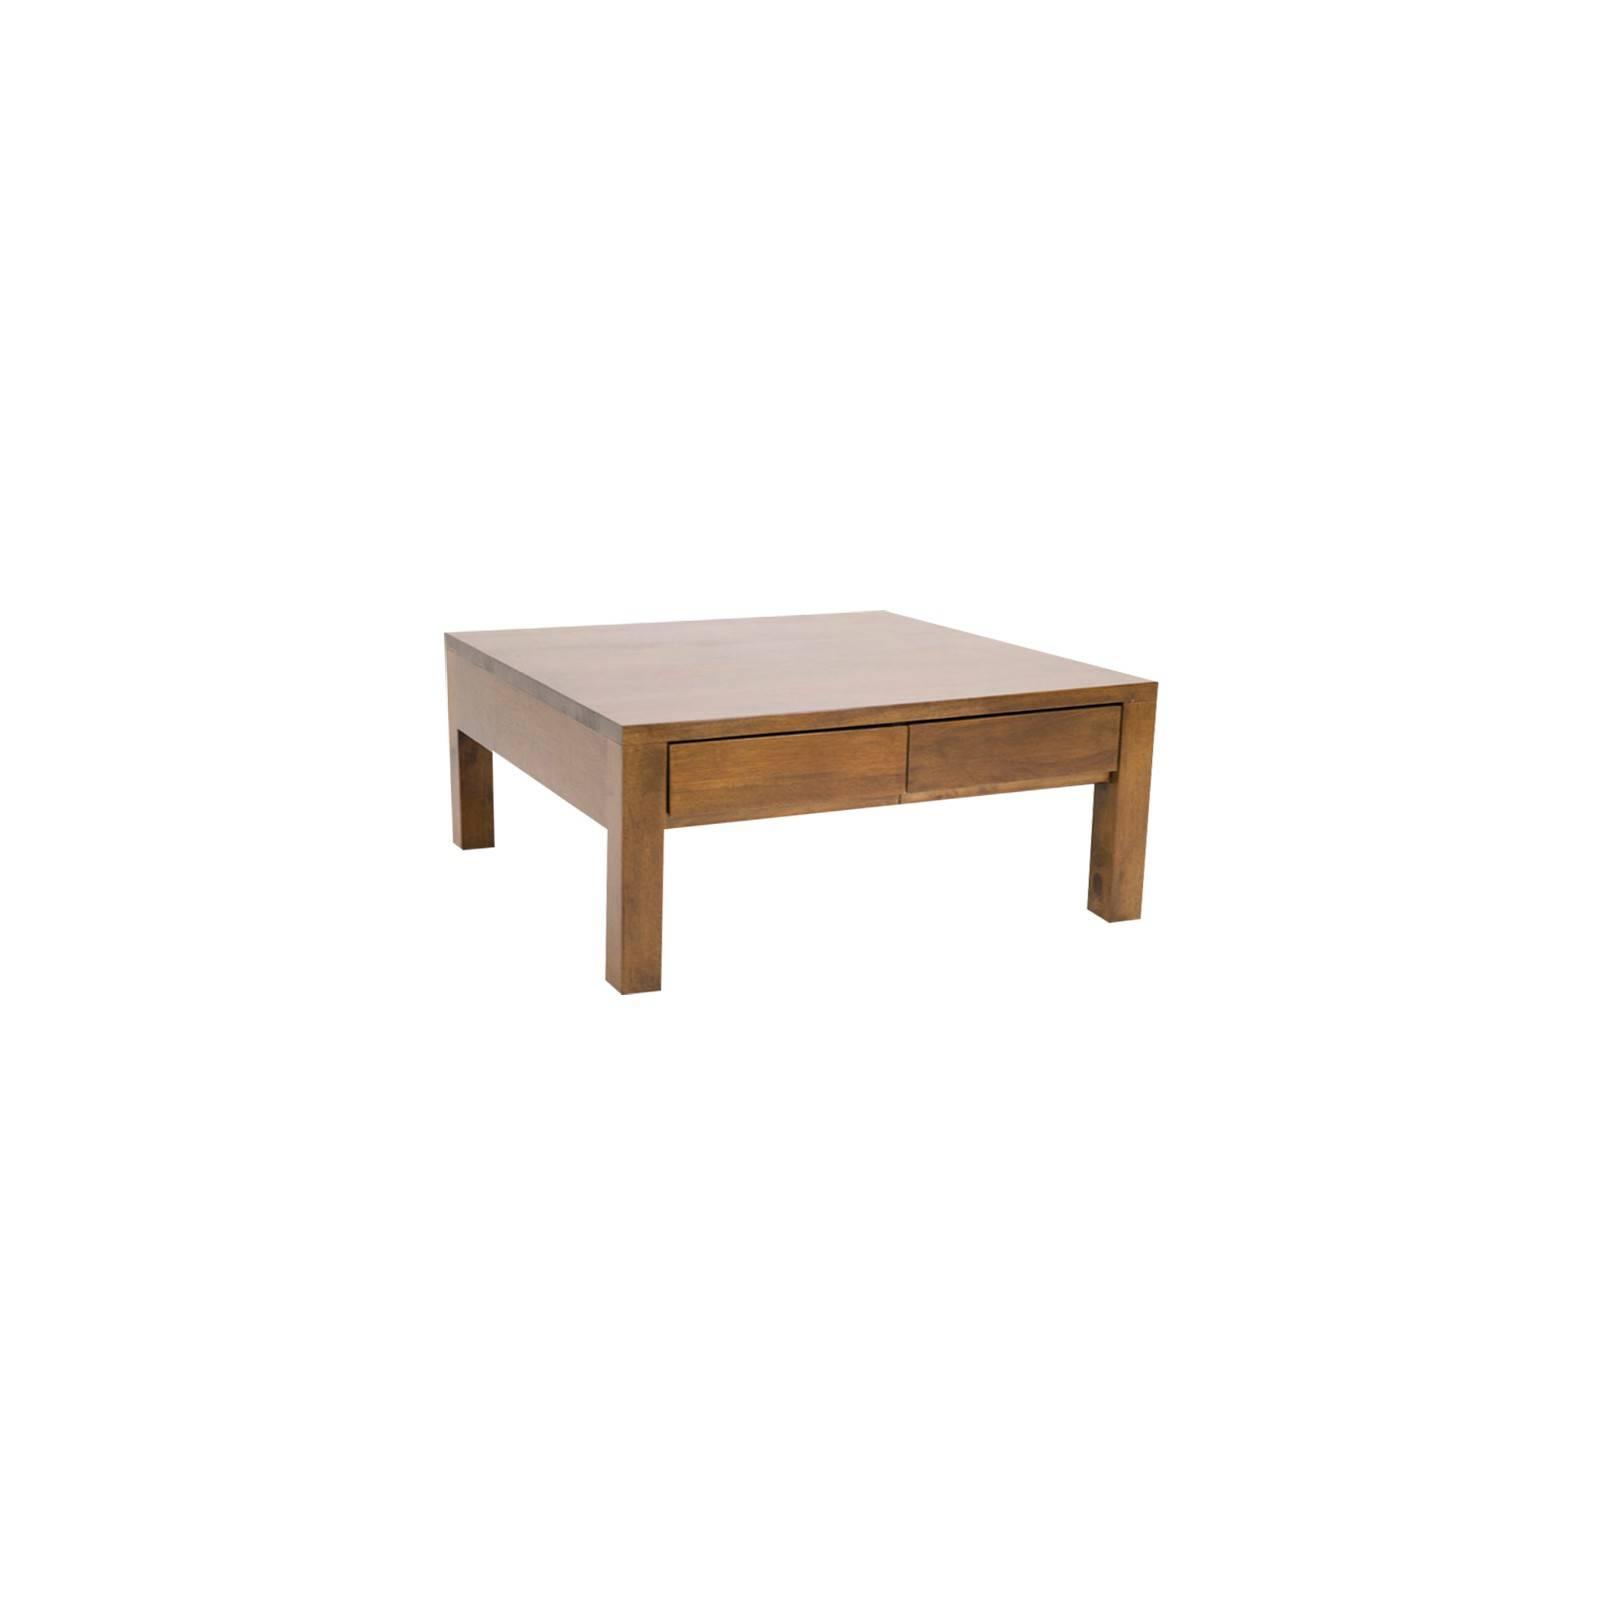 Table basse à tiroirs au style scandinave de la gamme Fjord